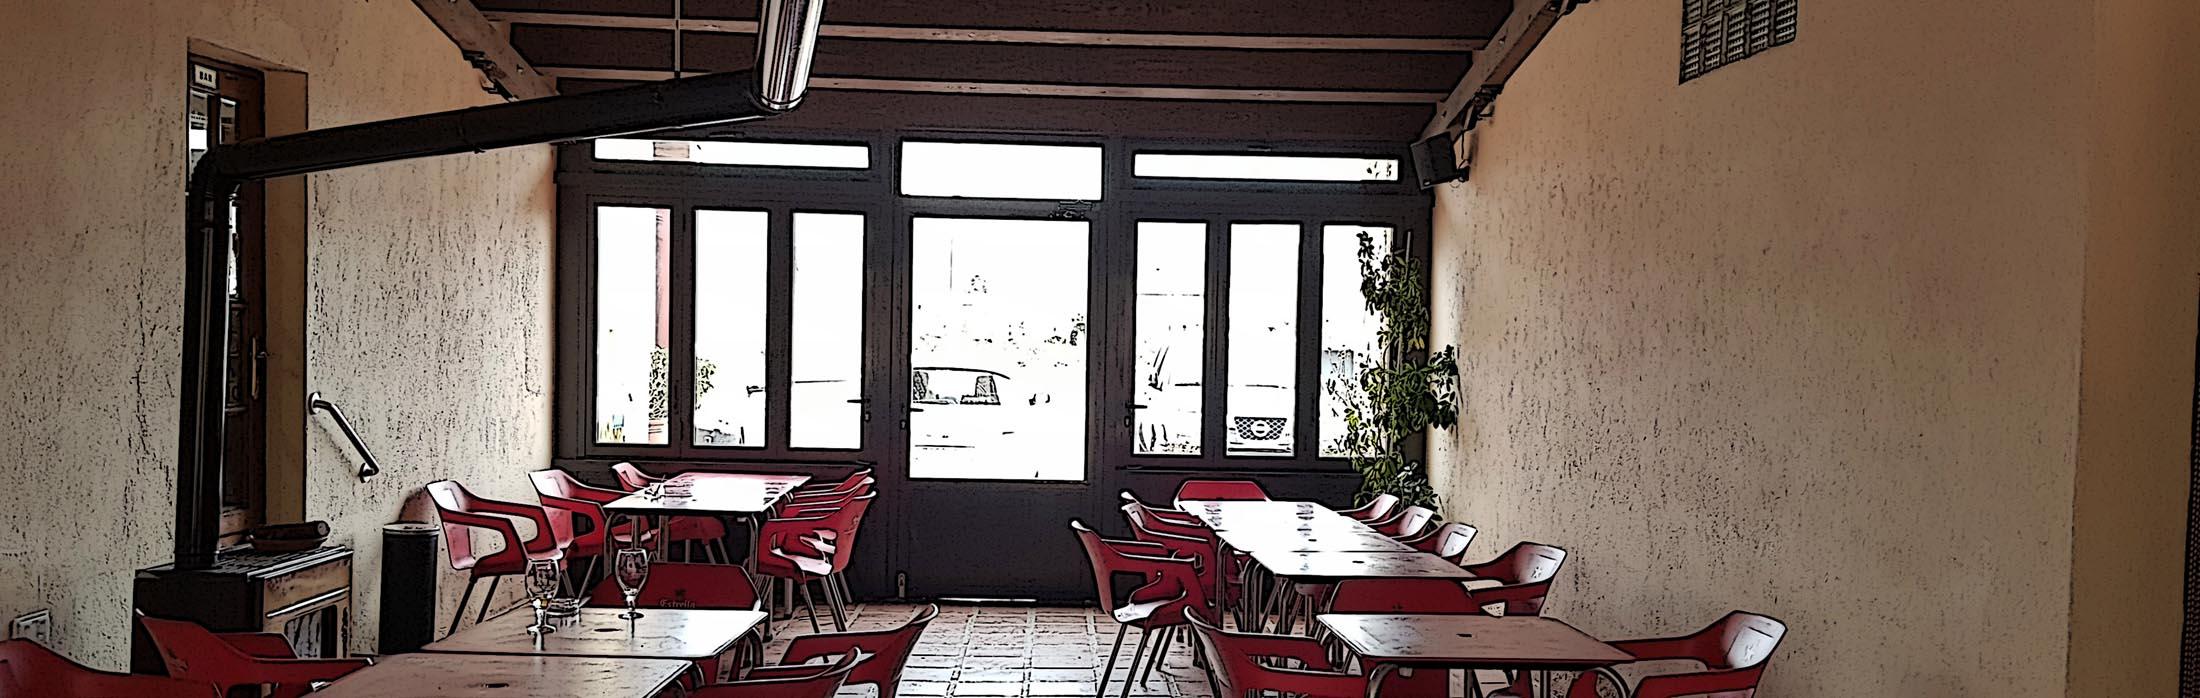 Restaurant Can Quer - El Pasteral (2)